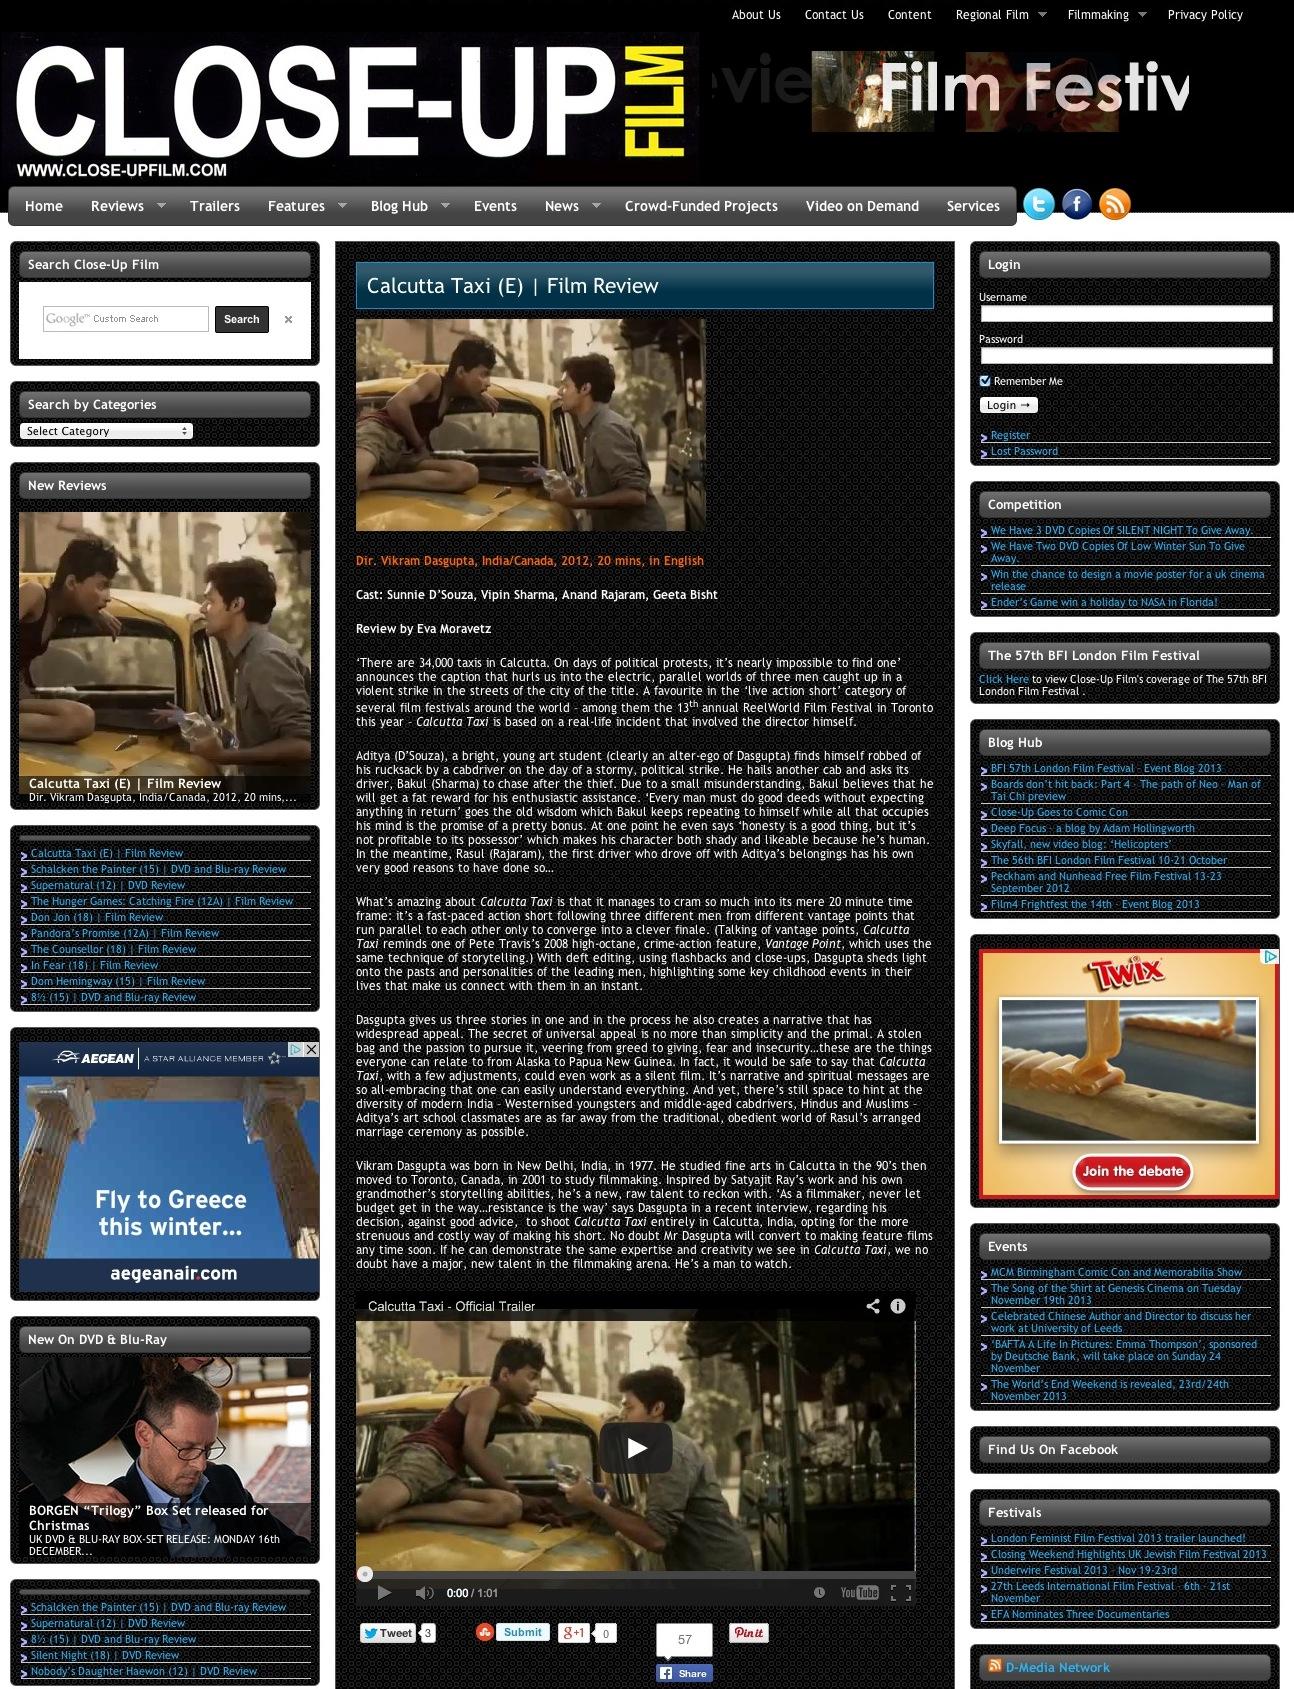 Close-Up FIlm - Movies, Movie Reviews, Movie Trailers, Movie News,